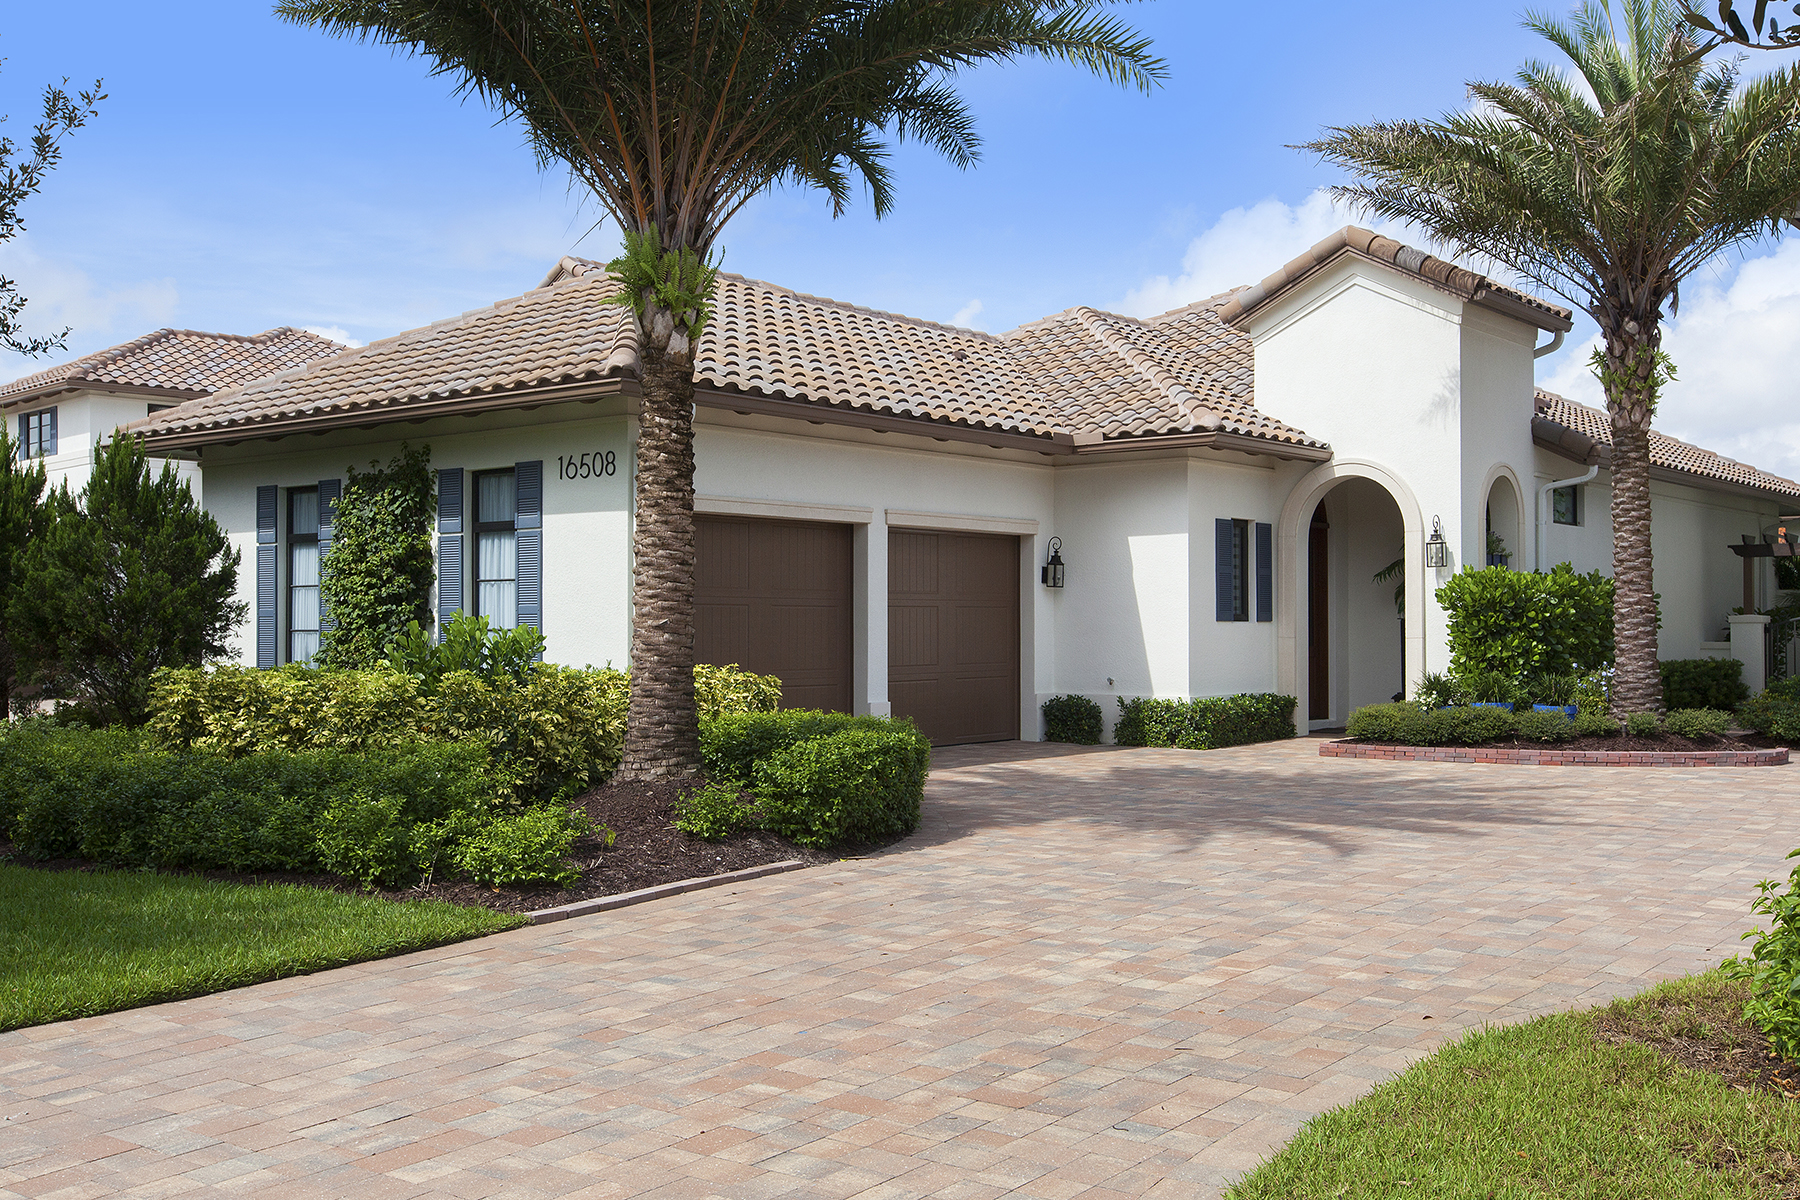 Maison unifamiliale pour l Vente à TALIS PARK 16508 Talis Park Dr Naples, Florida, 34110 États-Unis